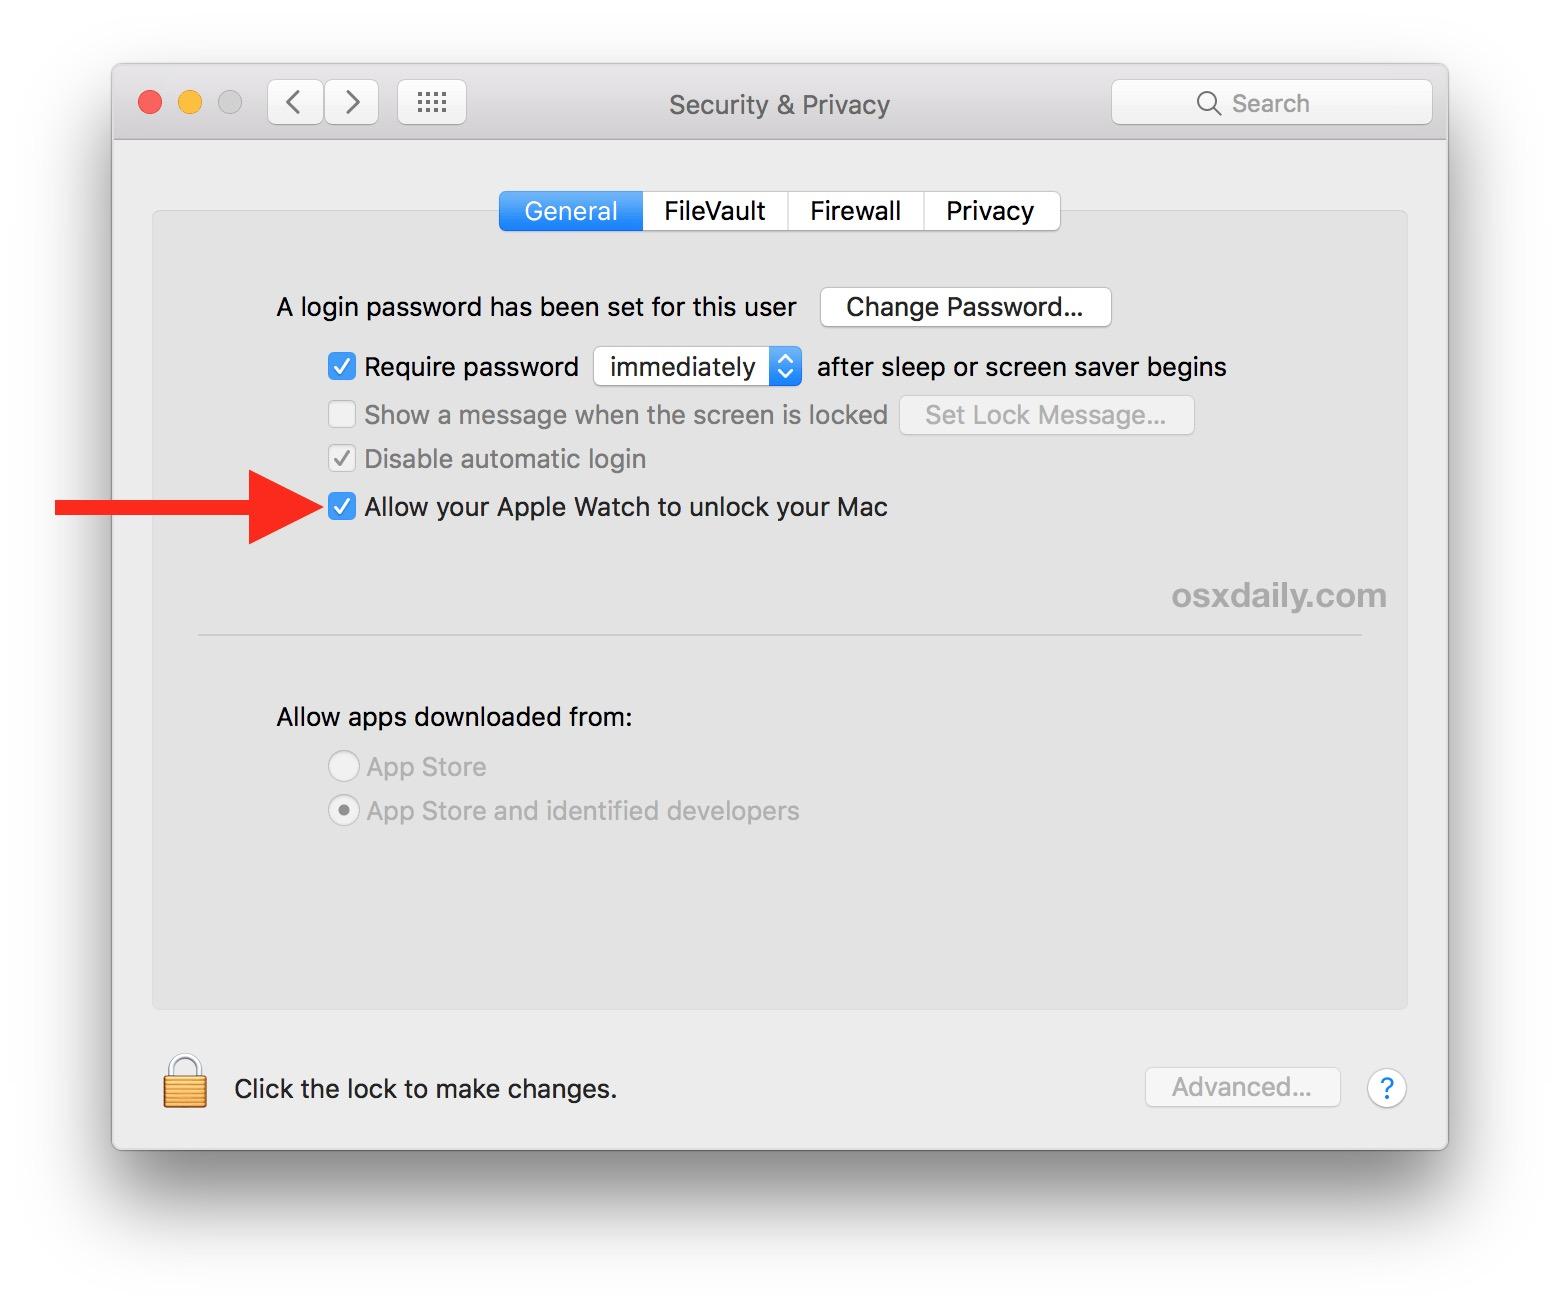 Allow Apple Watch to Unlock Mac